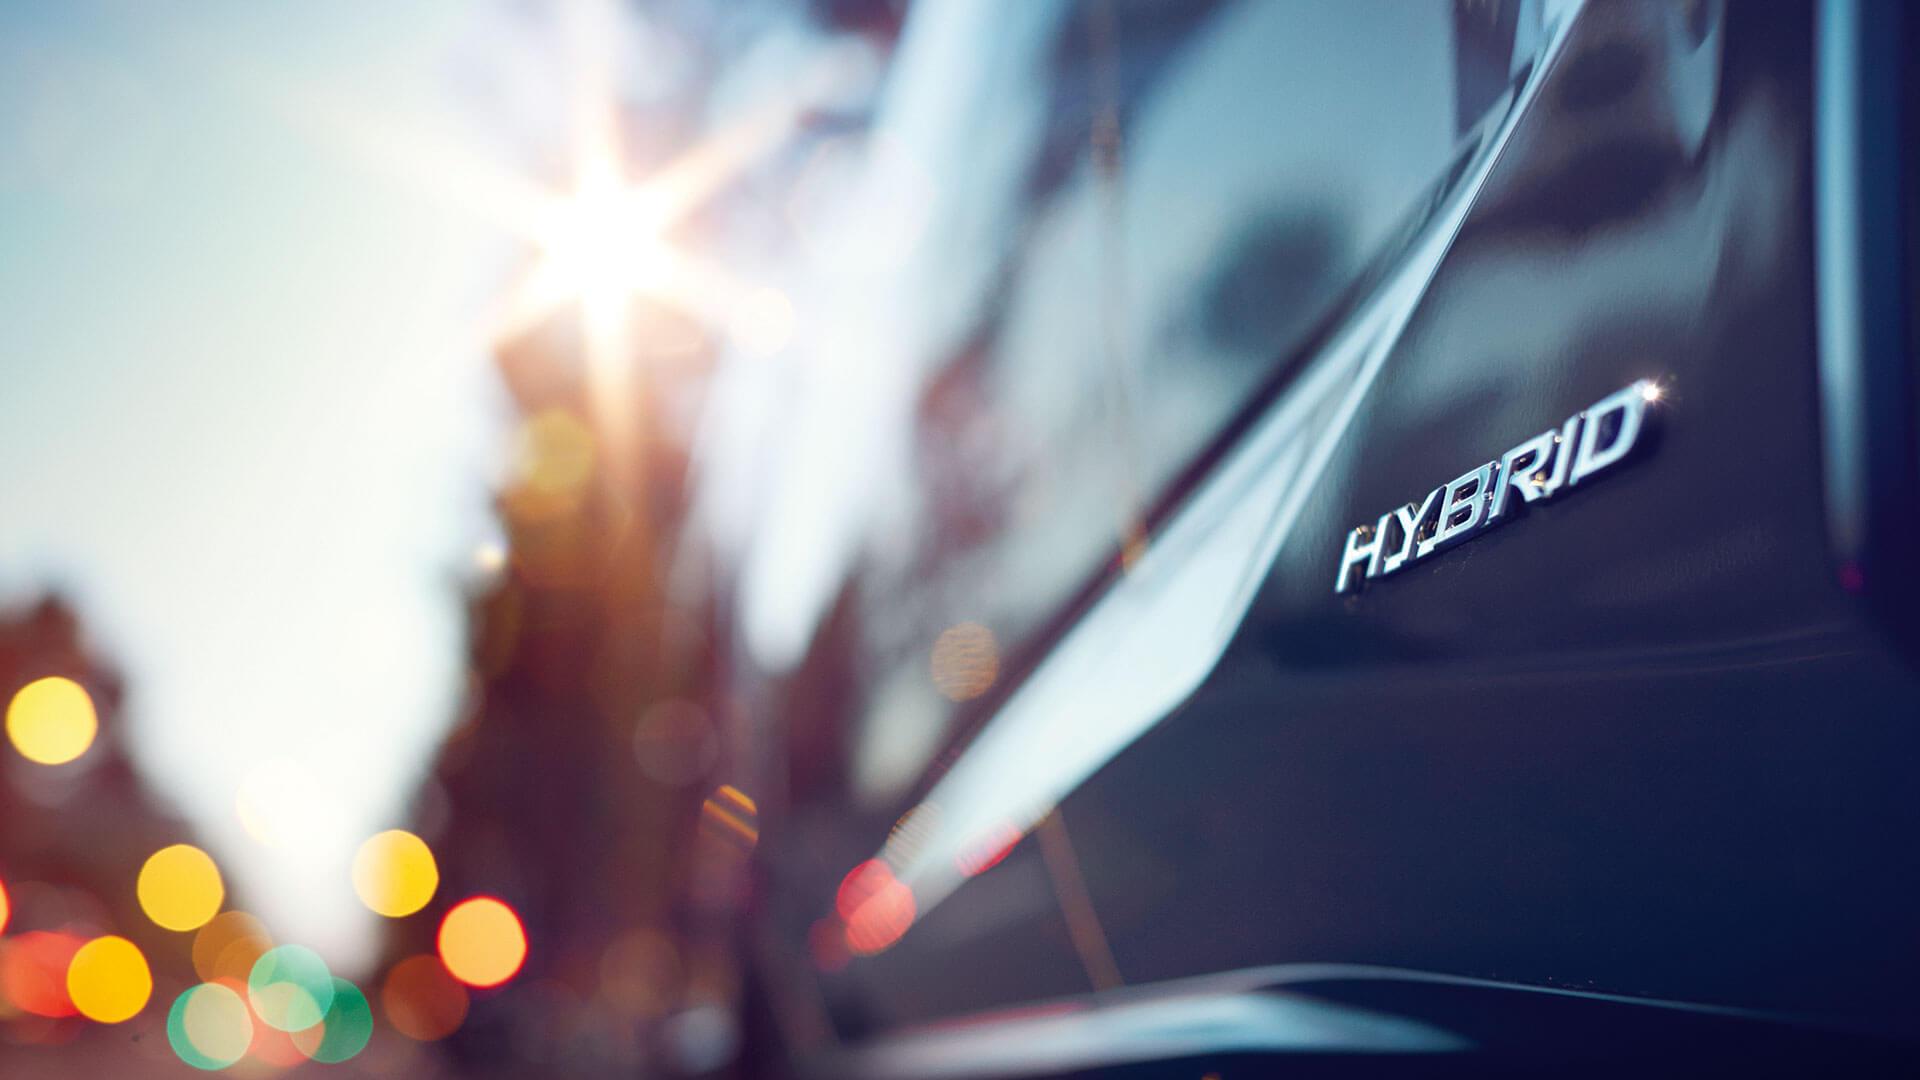 2017 lexus hybrid next steps understand hybrid 1920x1080 1